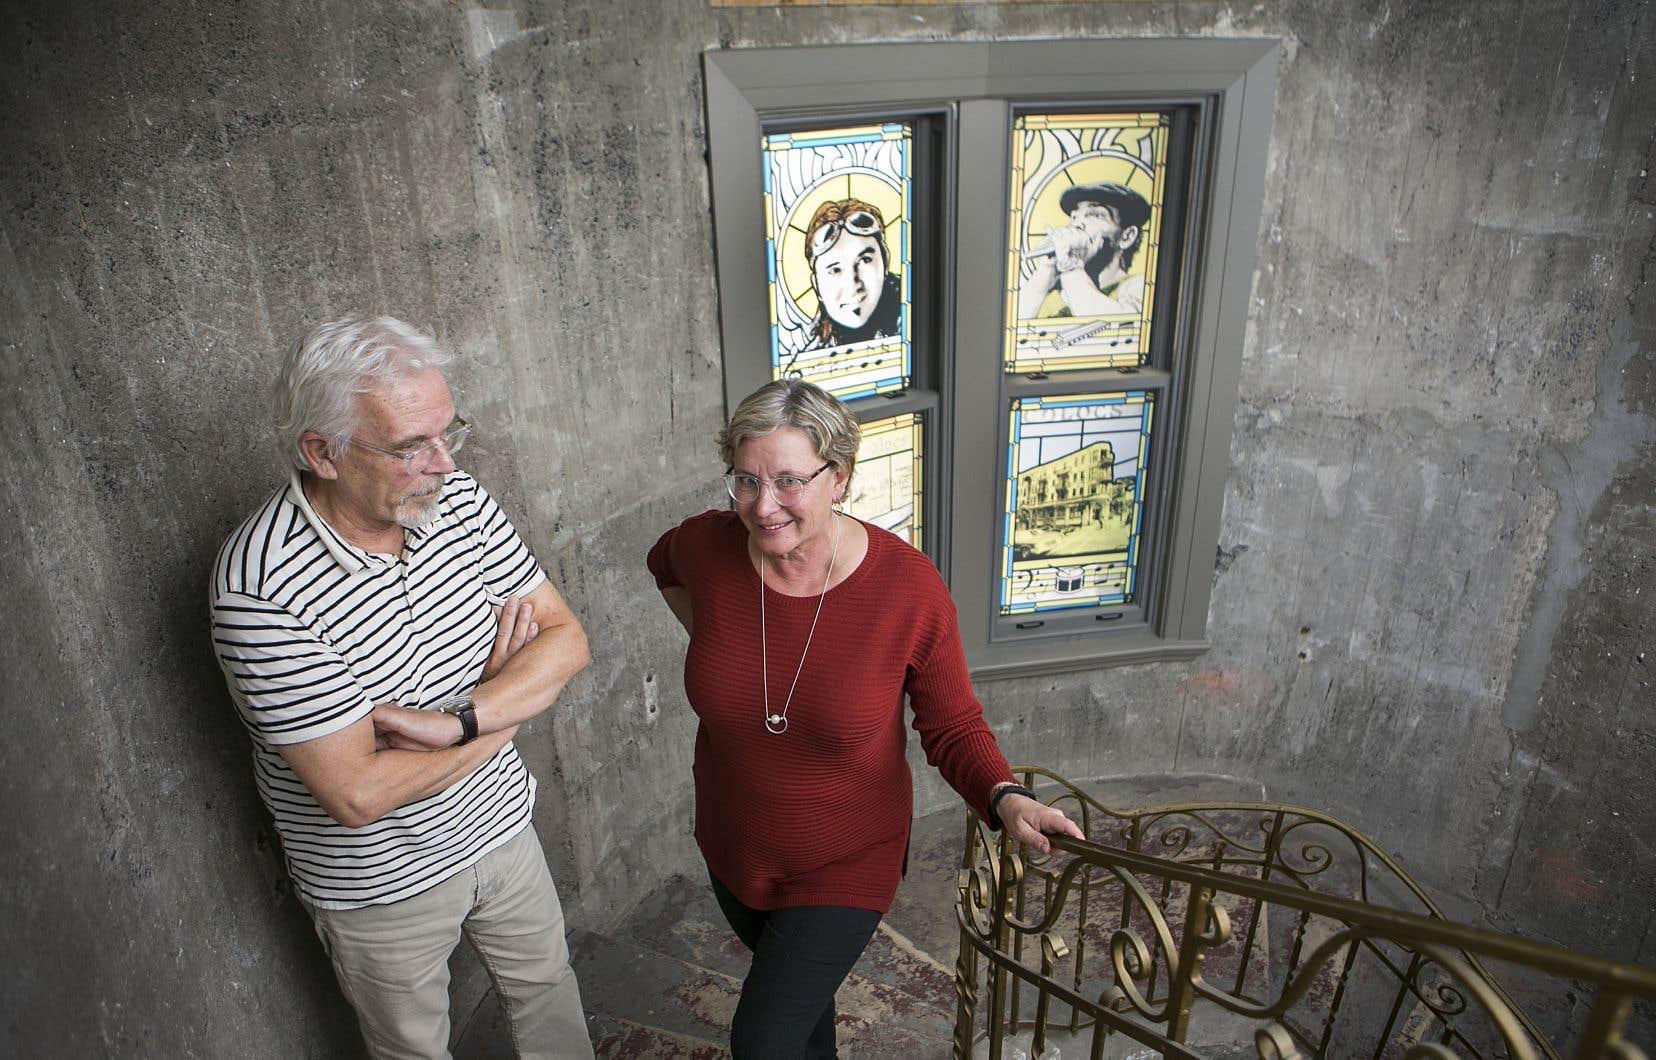 Alain Chartrand, patron du Coup de cœur francophone, et Lise Raymond, relationniste de presse qui travaillait avec Les Colocs et amie proche de Dédé, mènent le projet «Dédé-La suite».